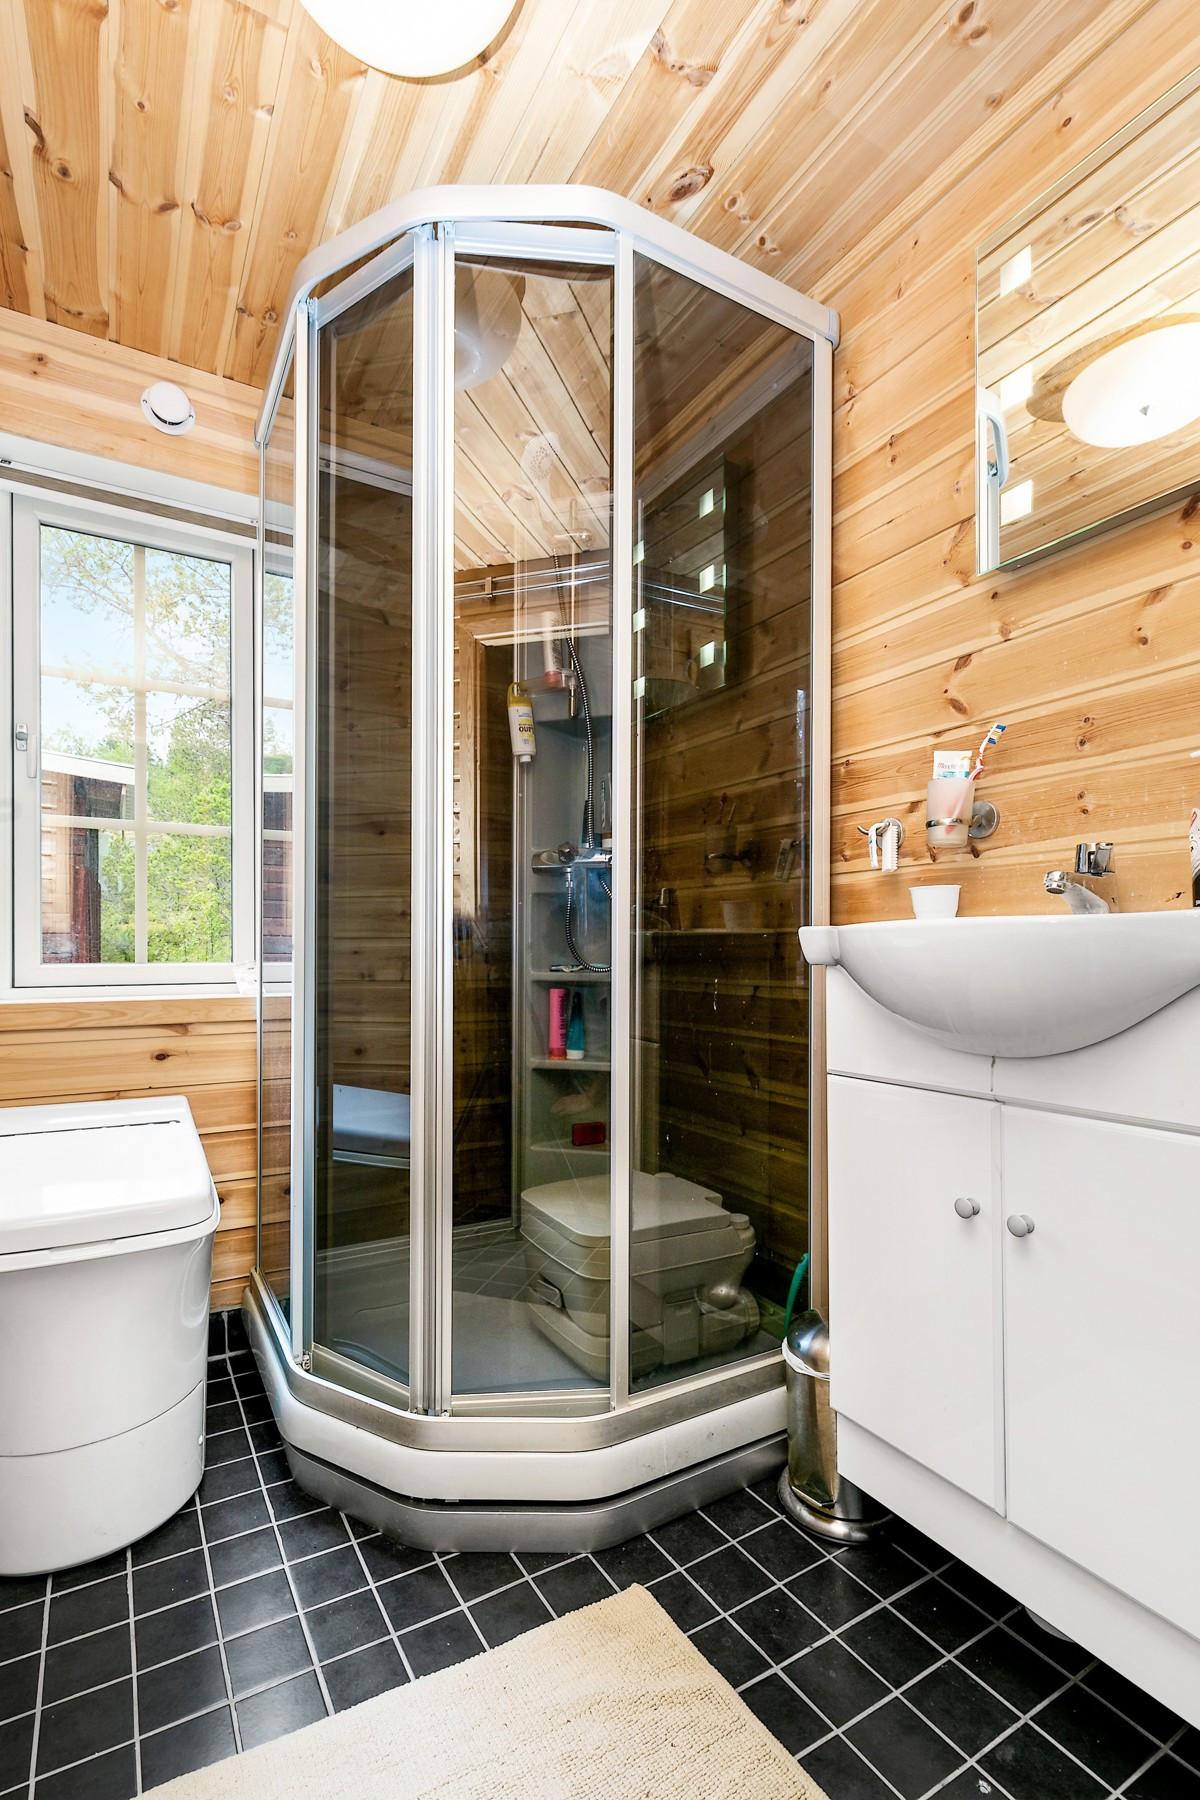 Bad er innredet med dusjkabinett, Cinderella forbrenningstoalett, samt gulv er fliselagt med varmekabler